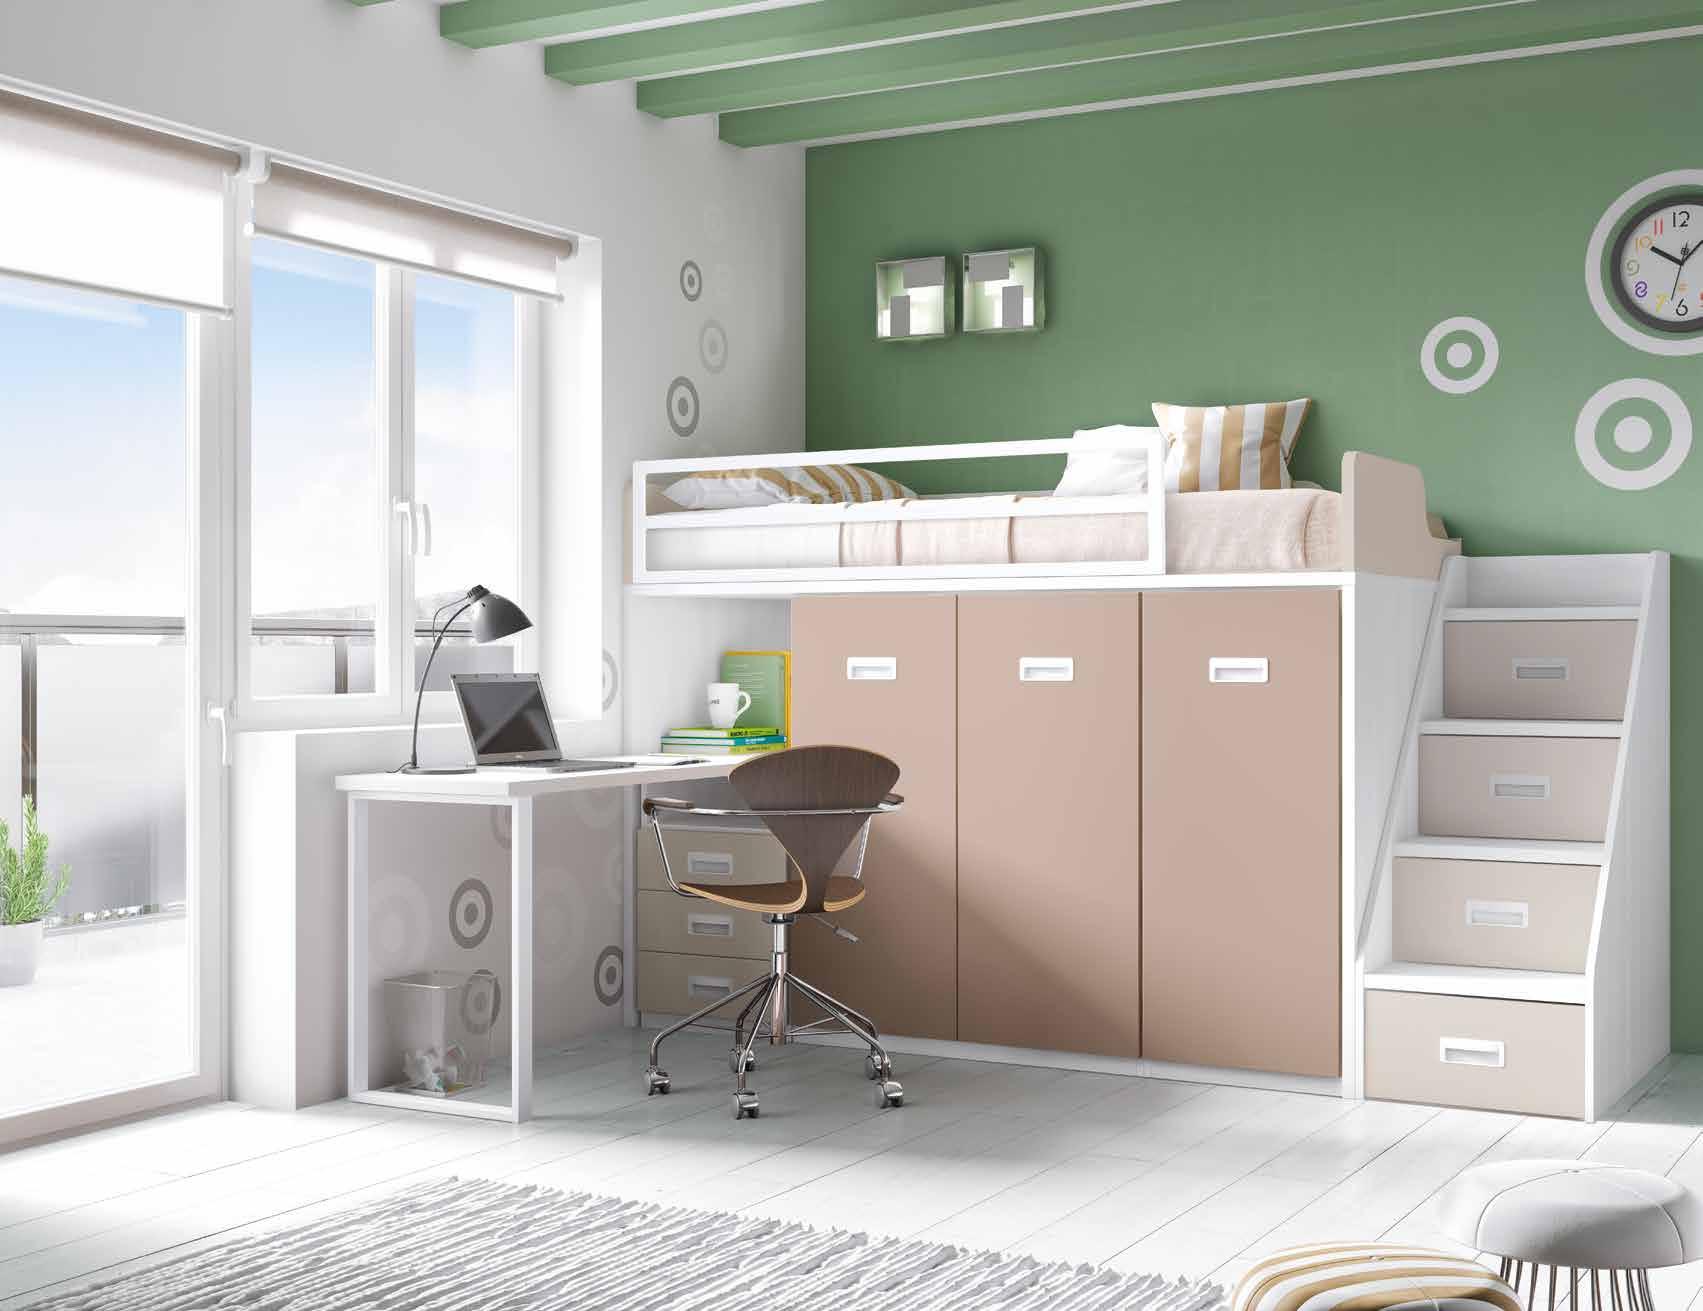 279-dormitorios-f-56